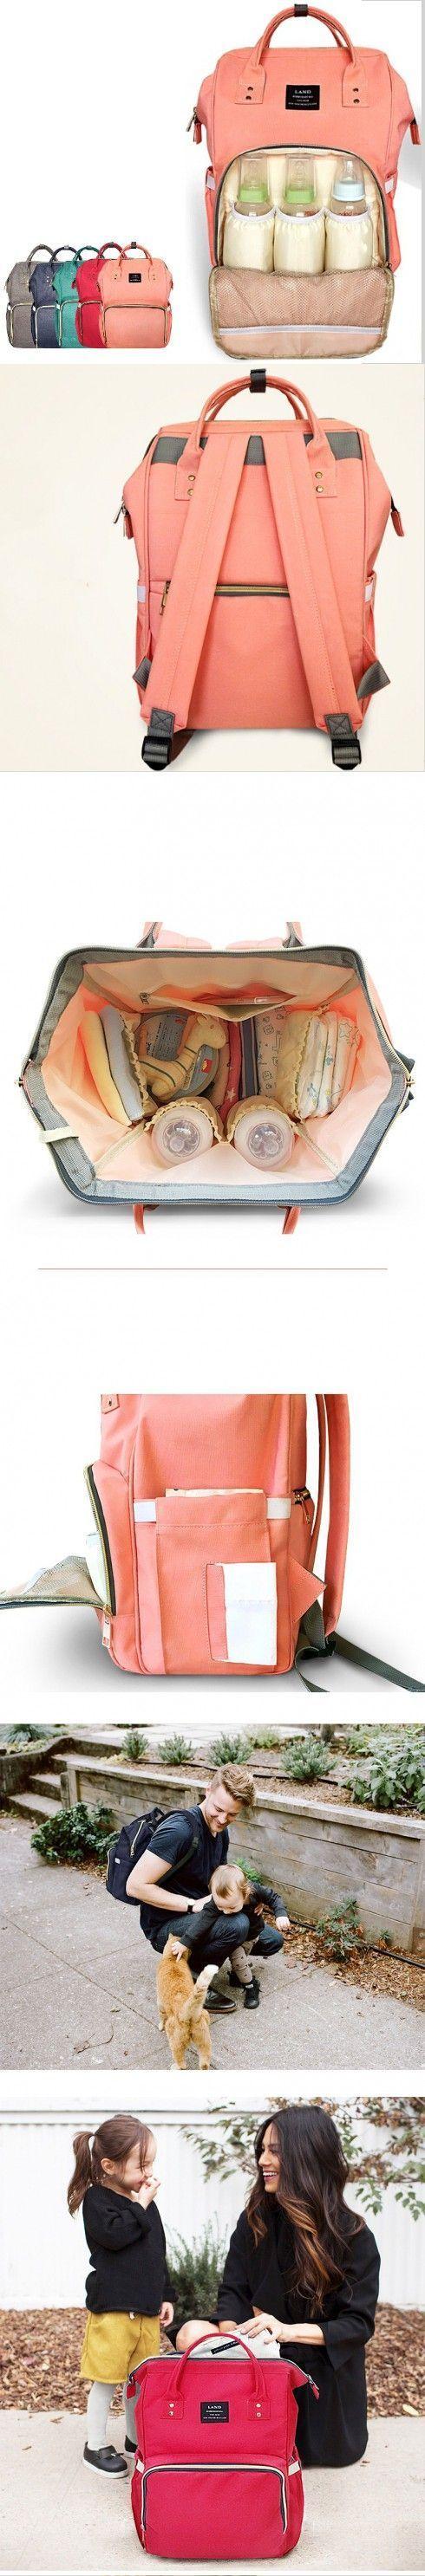 qu'emporter dans sa valise de maternité ?